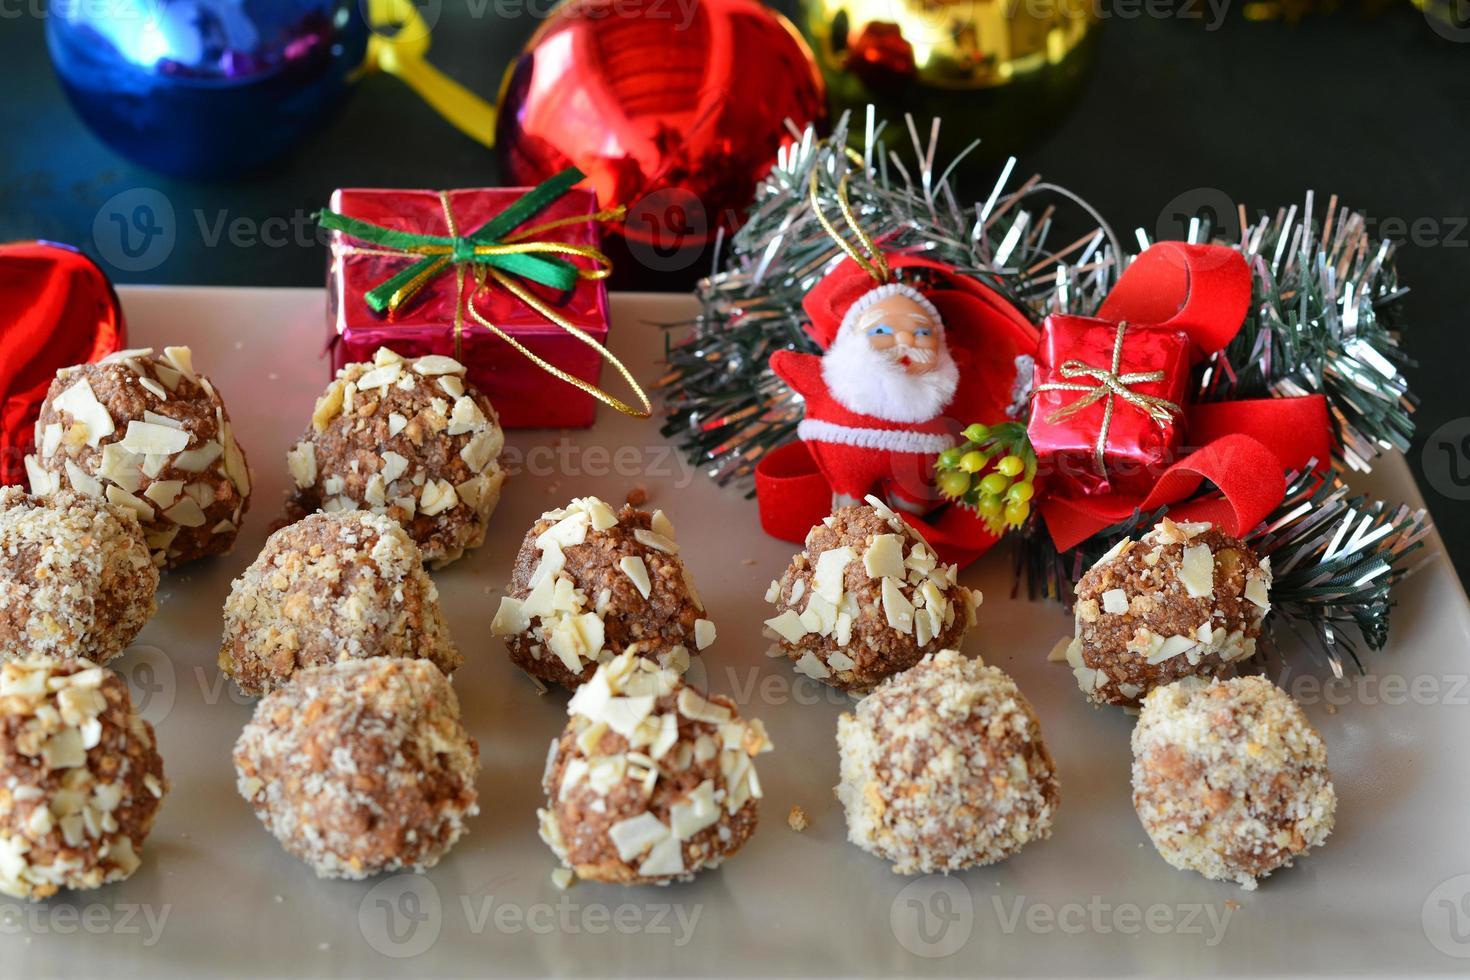 trufas de chocolate caseiras com nozes sobremesa de Natal foto